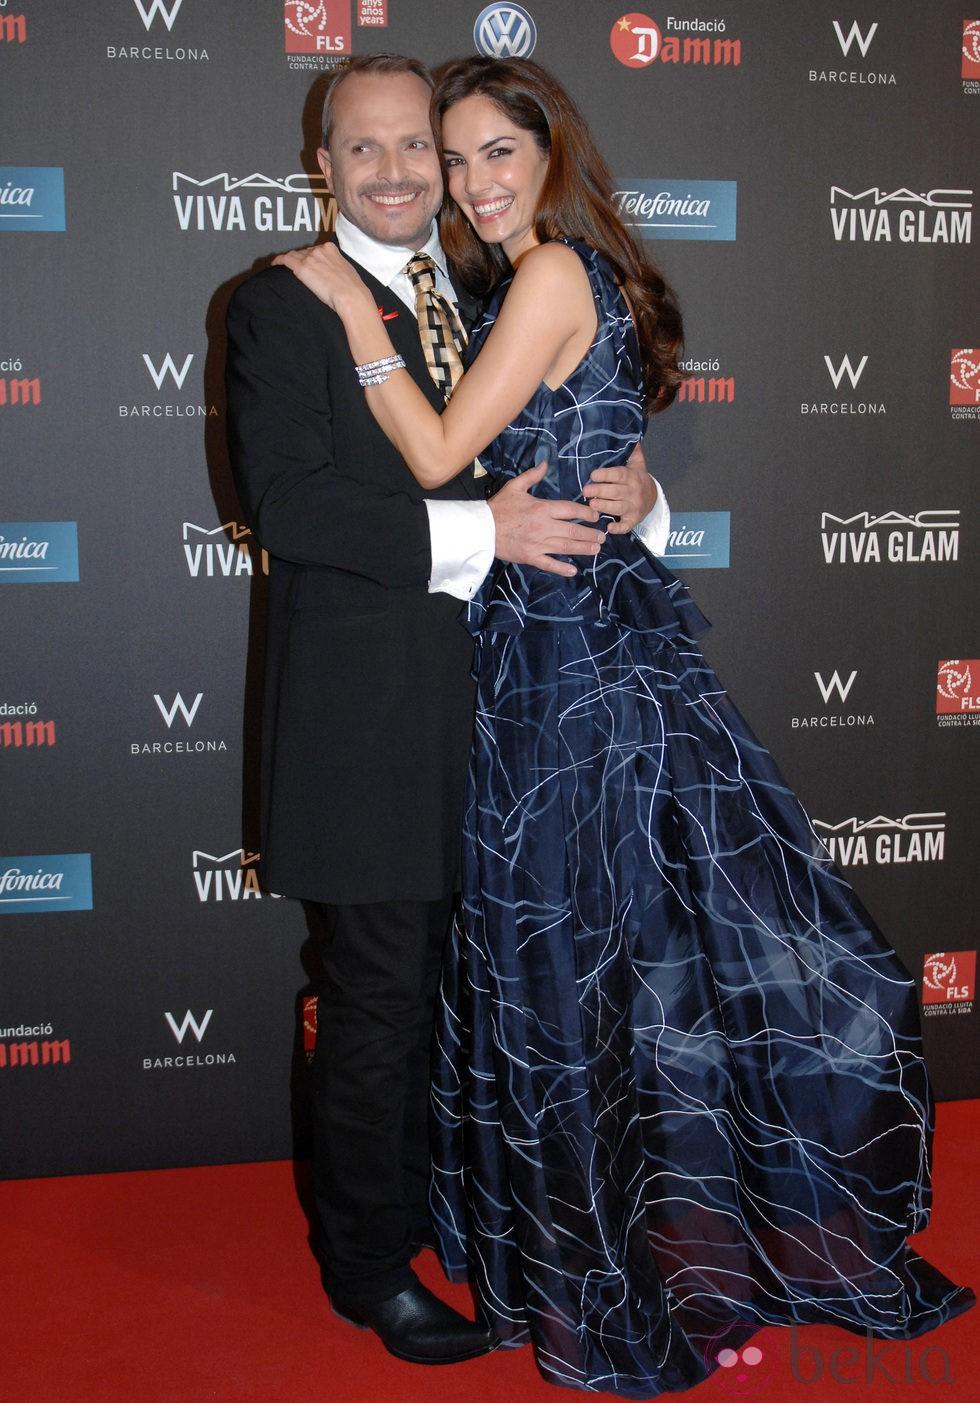 Miguel Bosé y Eugenia Silva en la gala contra el Sida 2012 de Barcelona